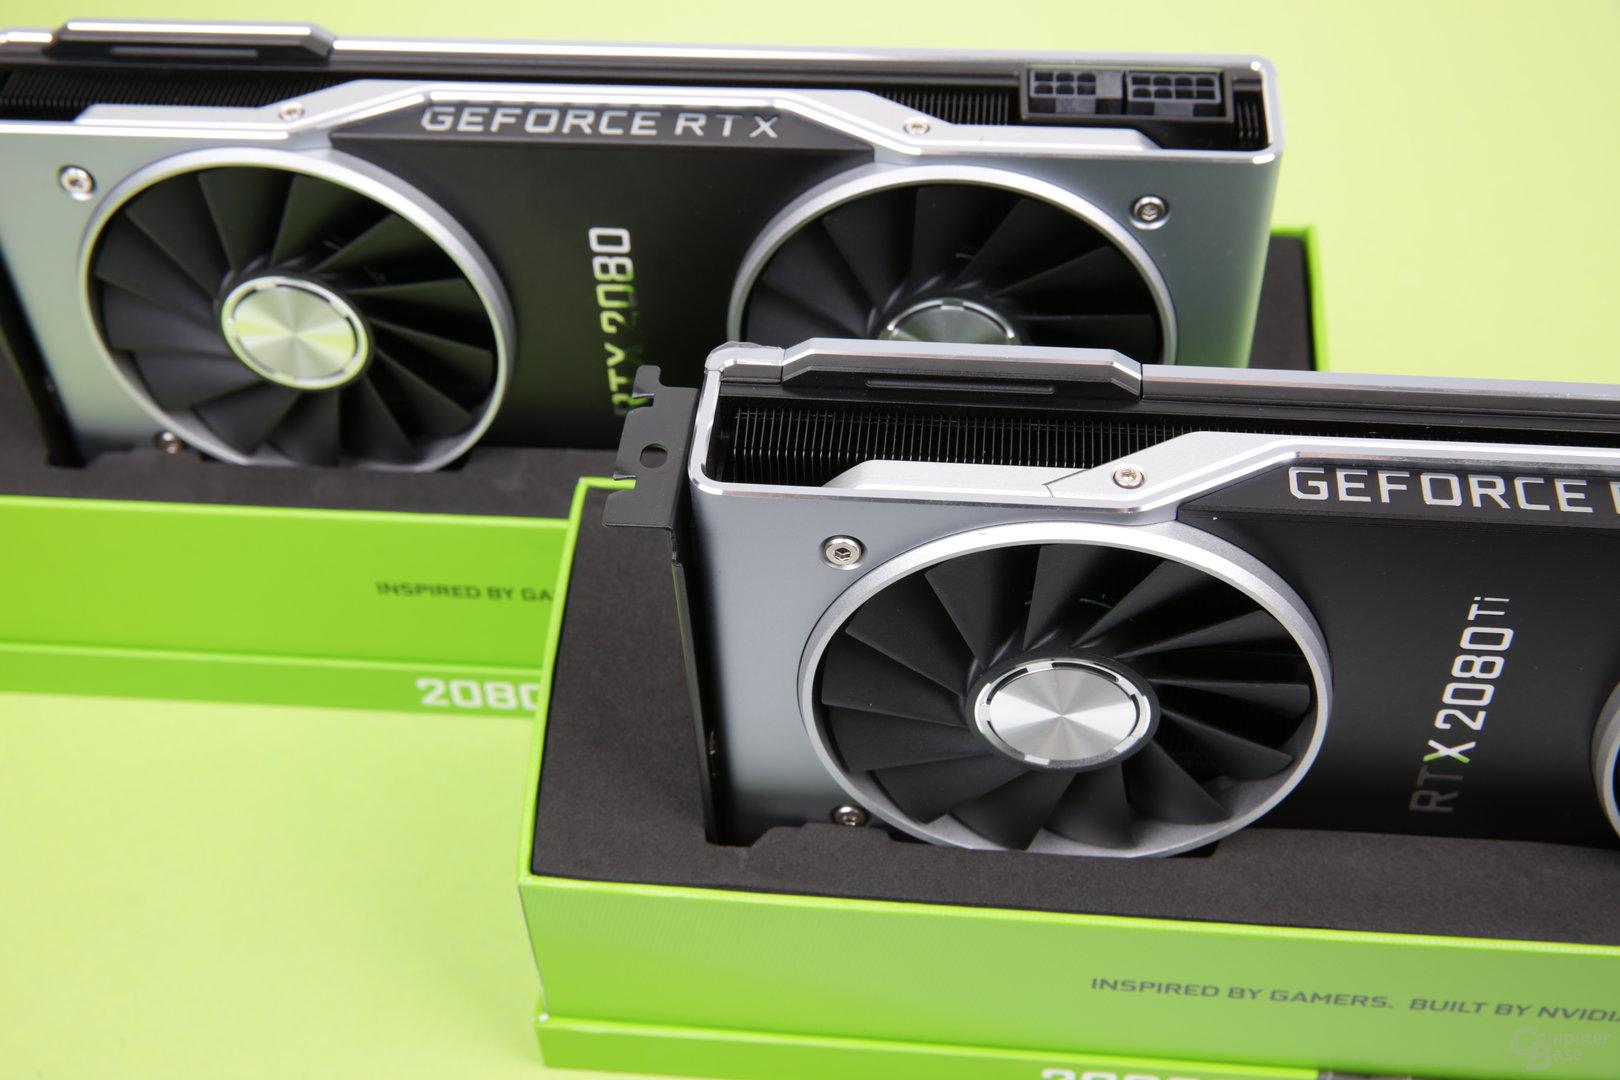 Nvidia GeForce RTX 2080 und RTX 2080 Ti im Test